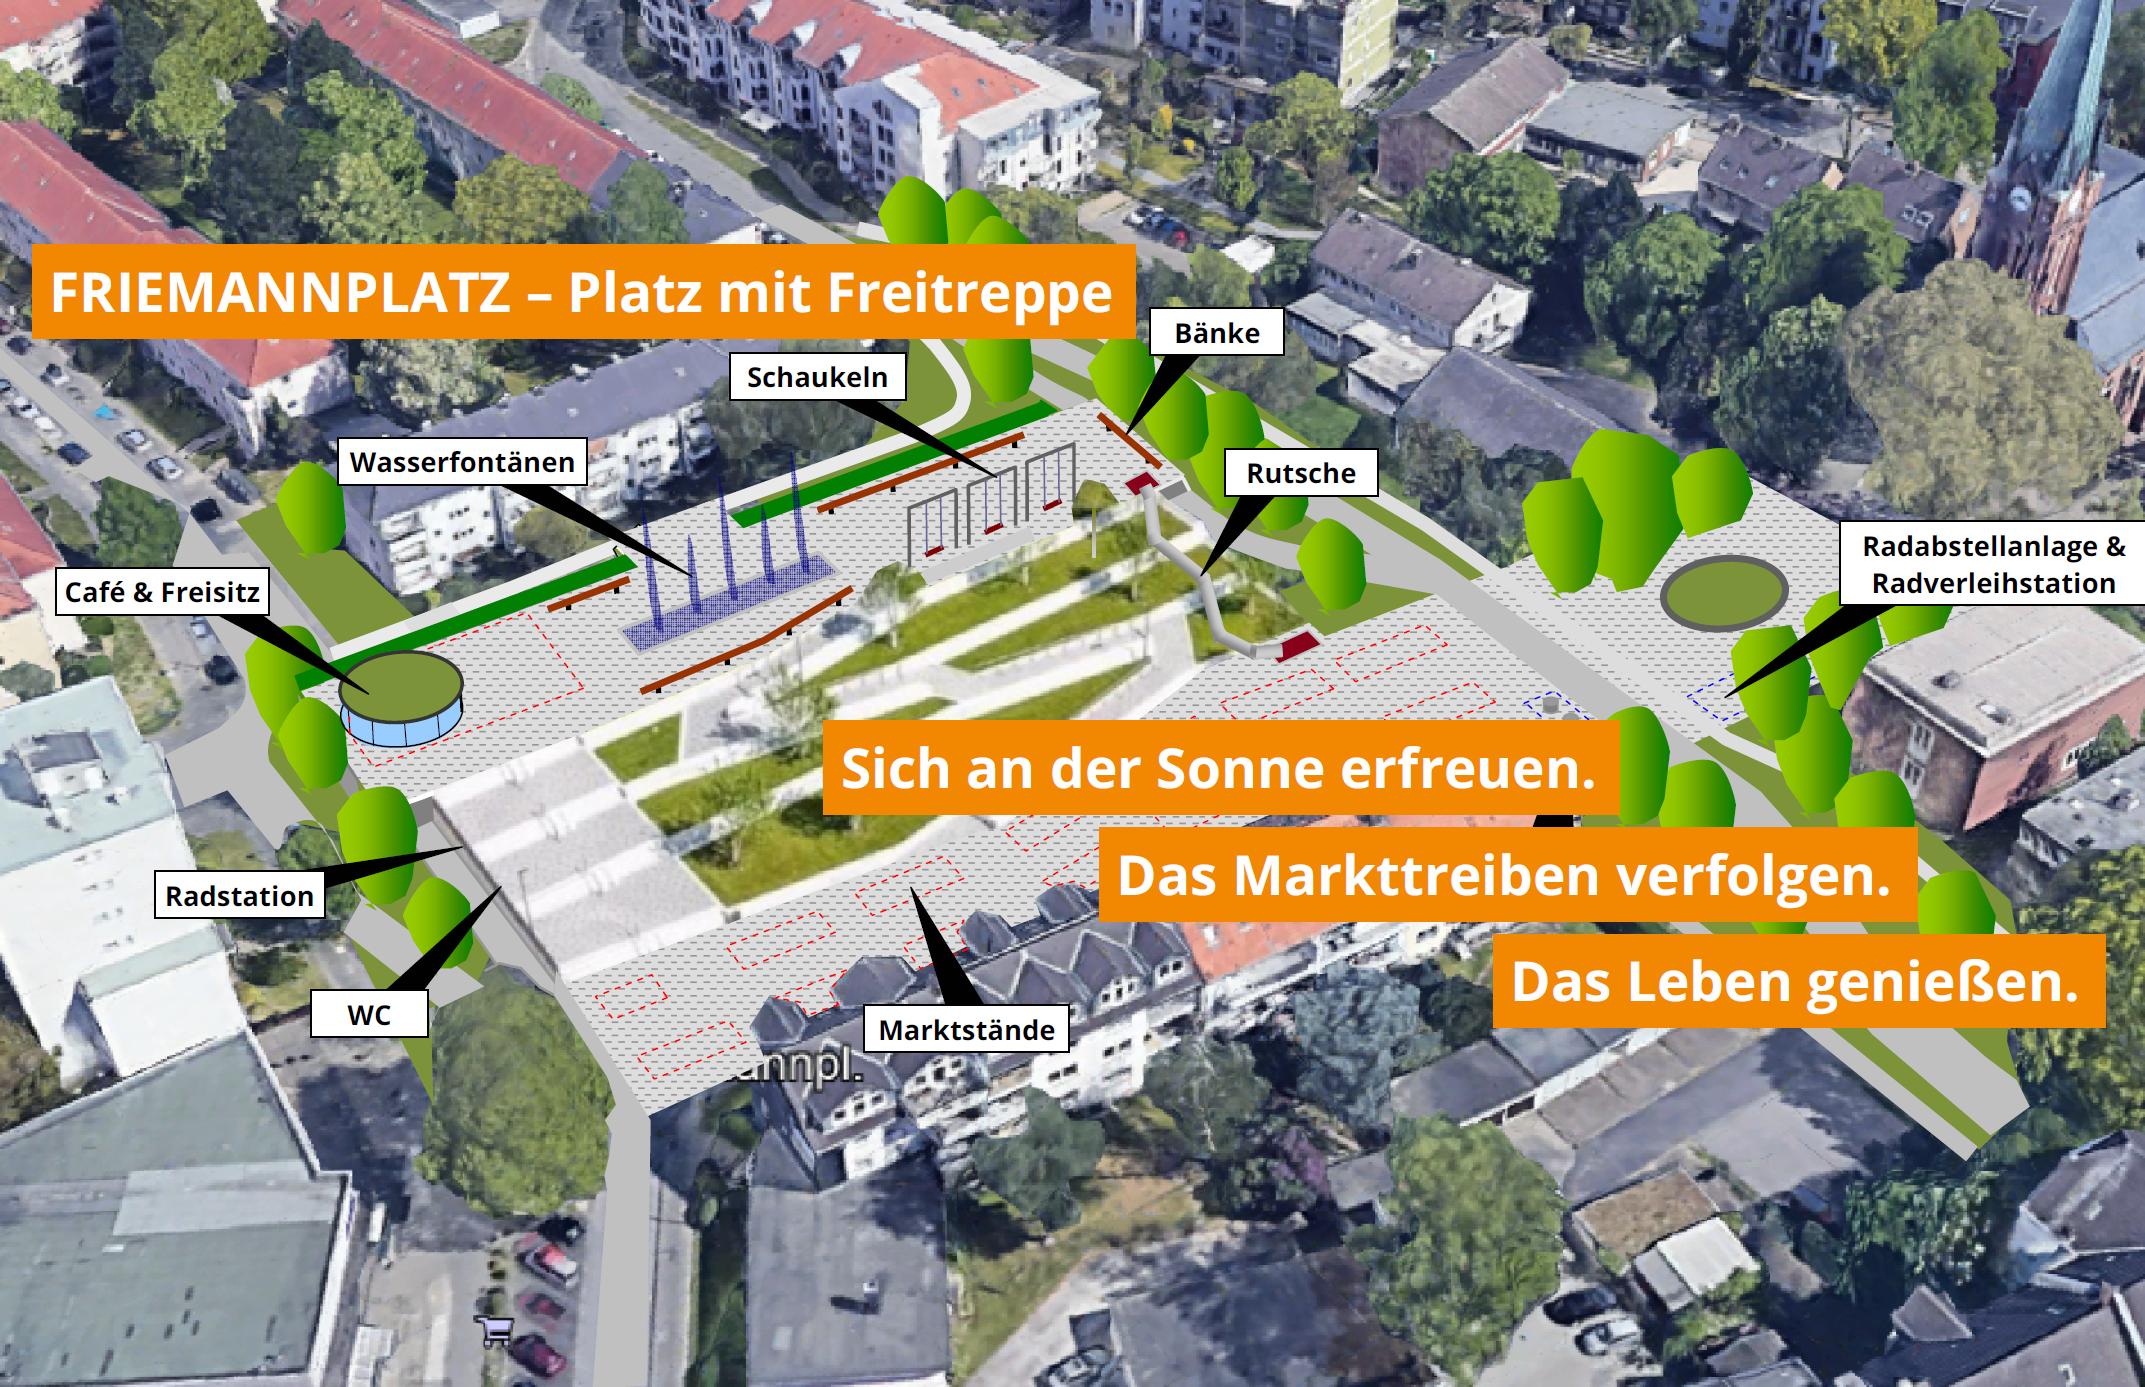 Neugestaltung Friemannplatz: Grüne Freitreppe, Abendmarkt, Quartiersparkhaus und mehr